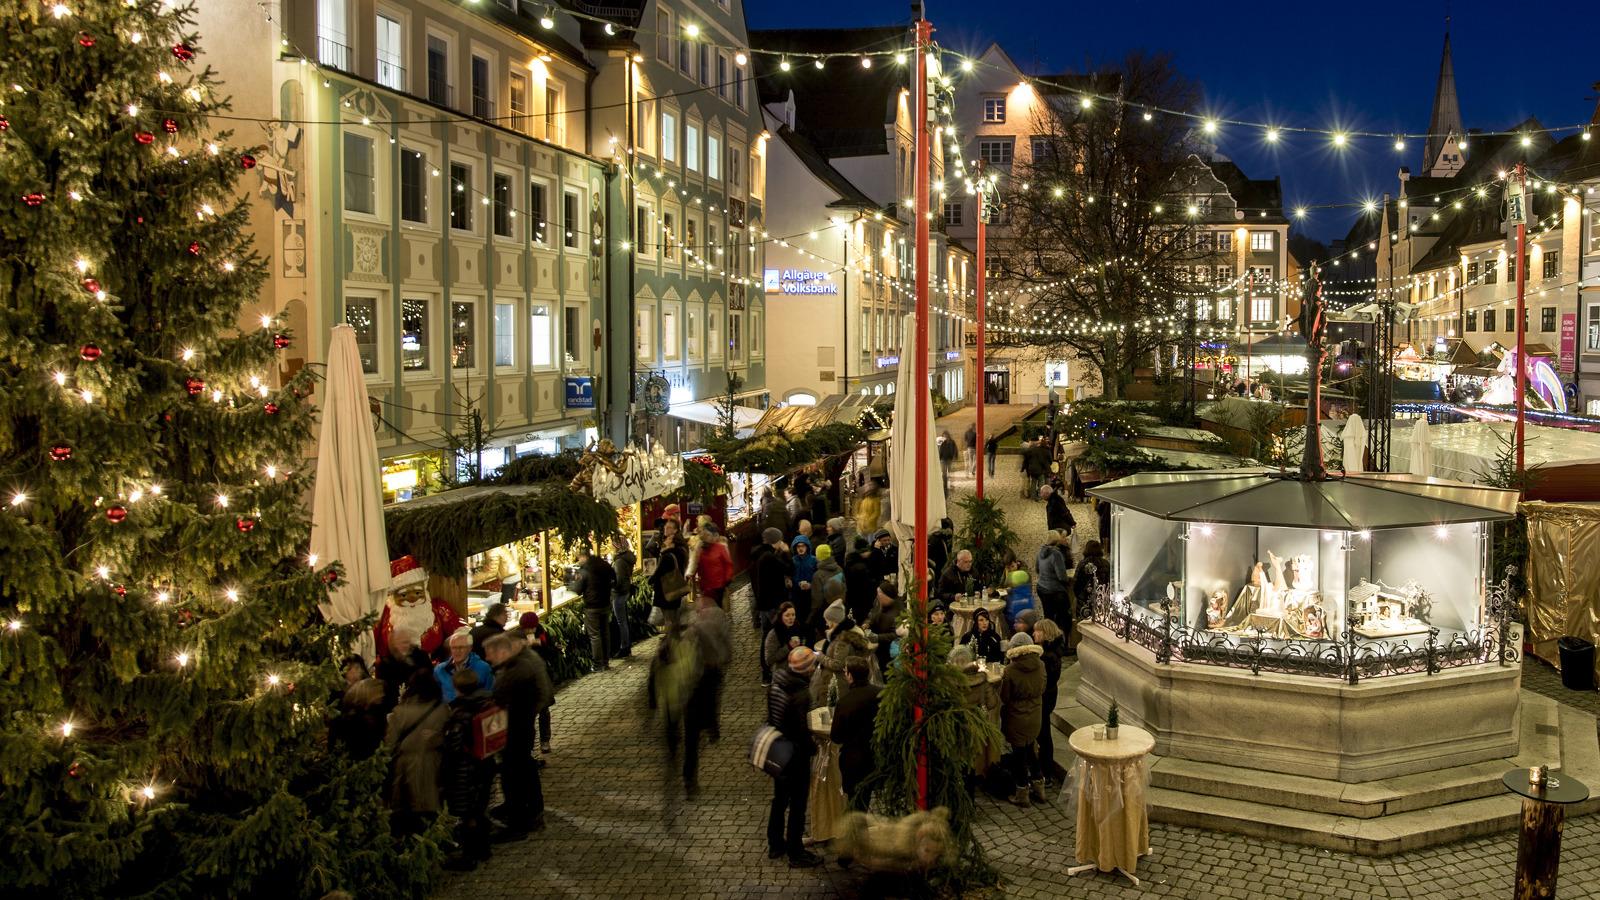 Blick auf den Weihnachtsmarkt vom Rathaus aus